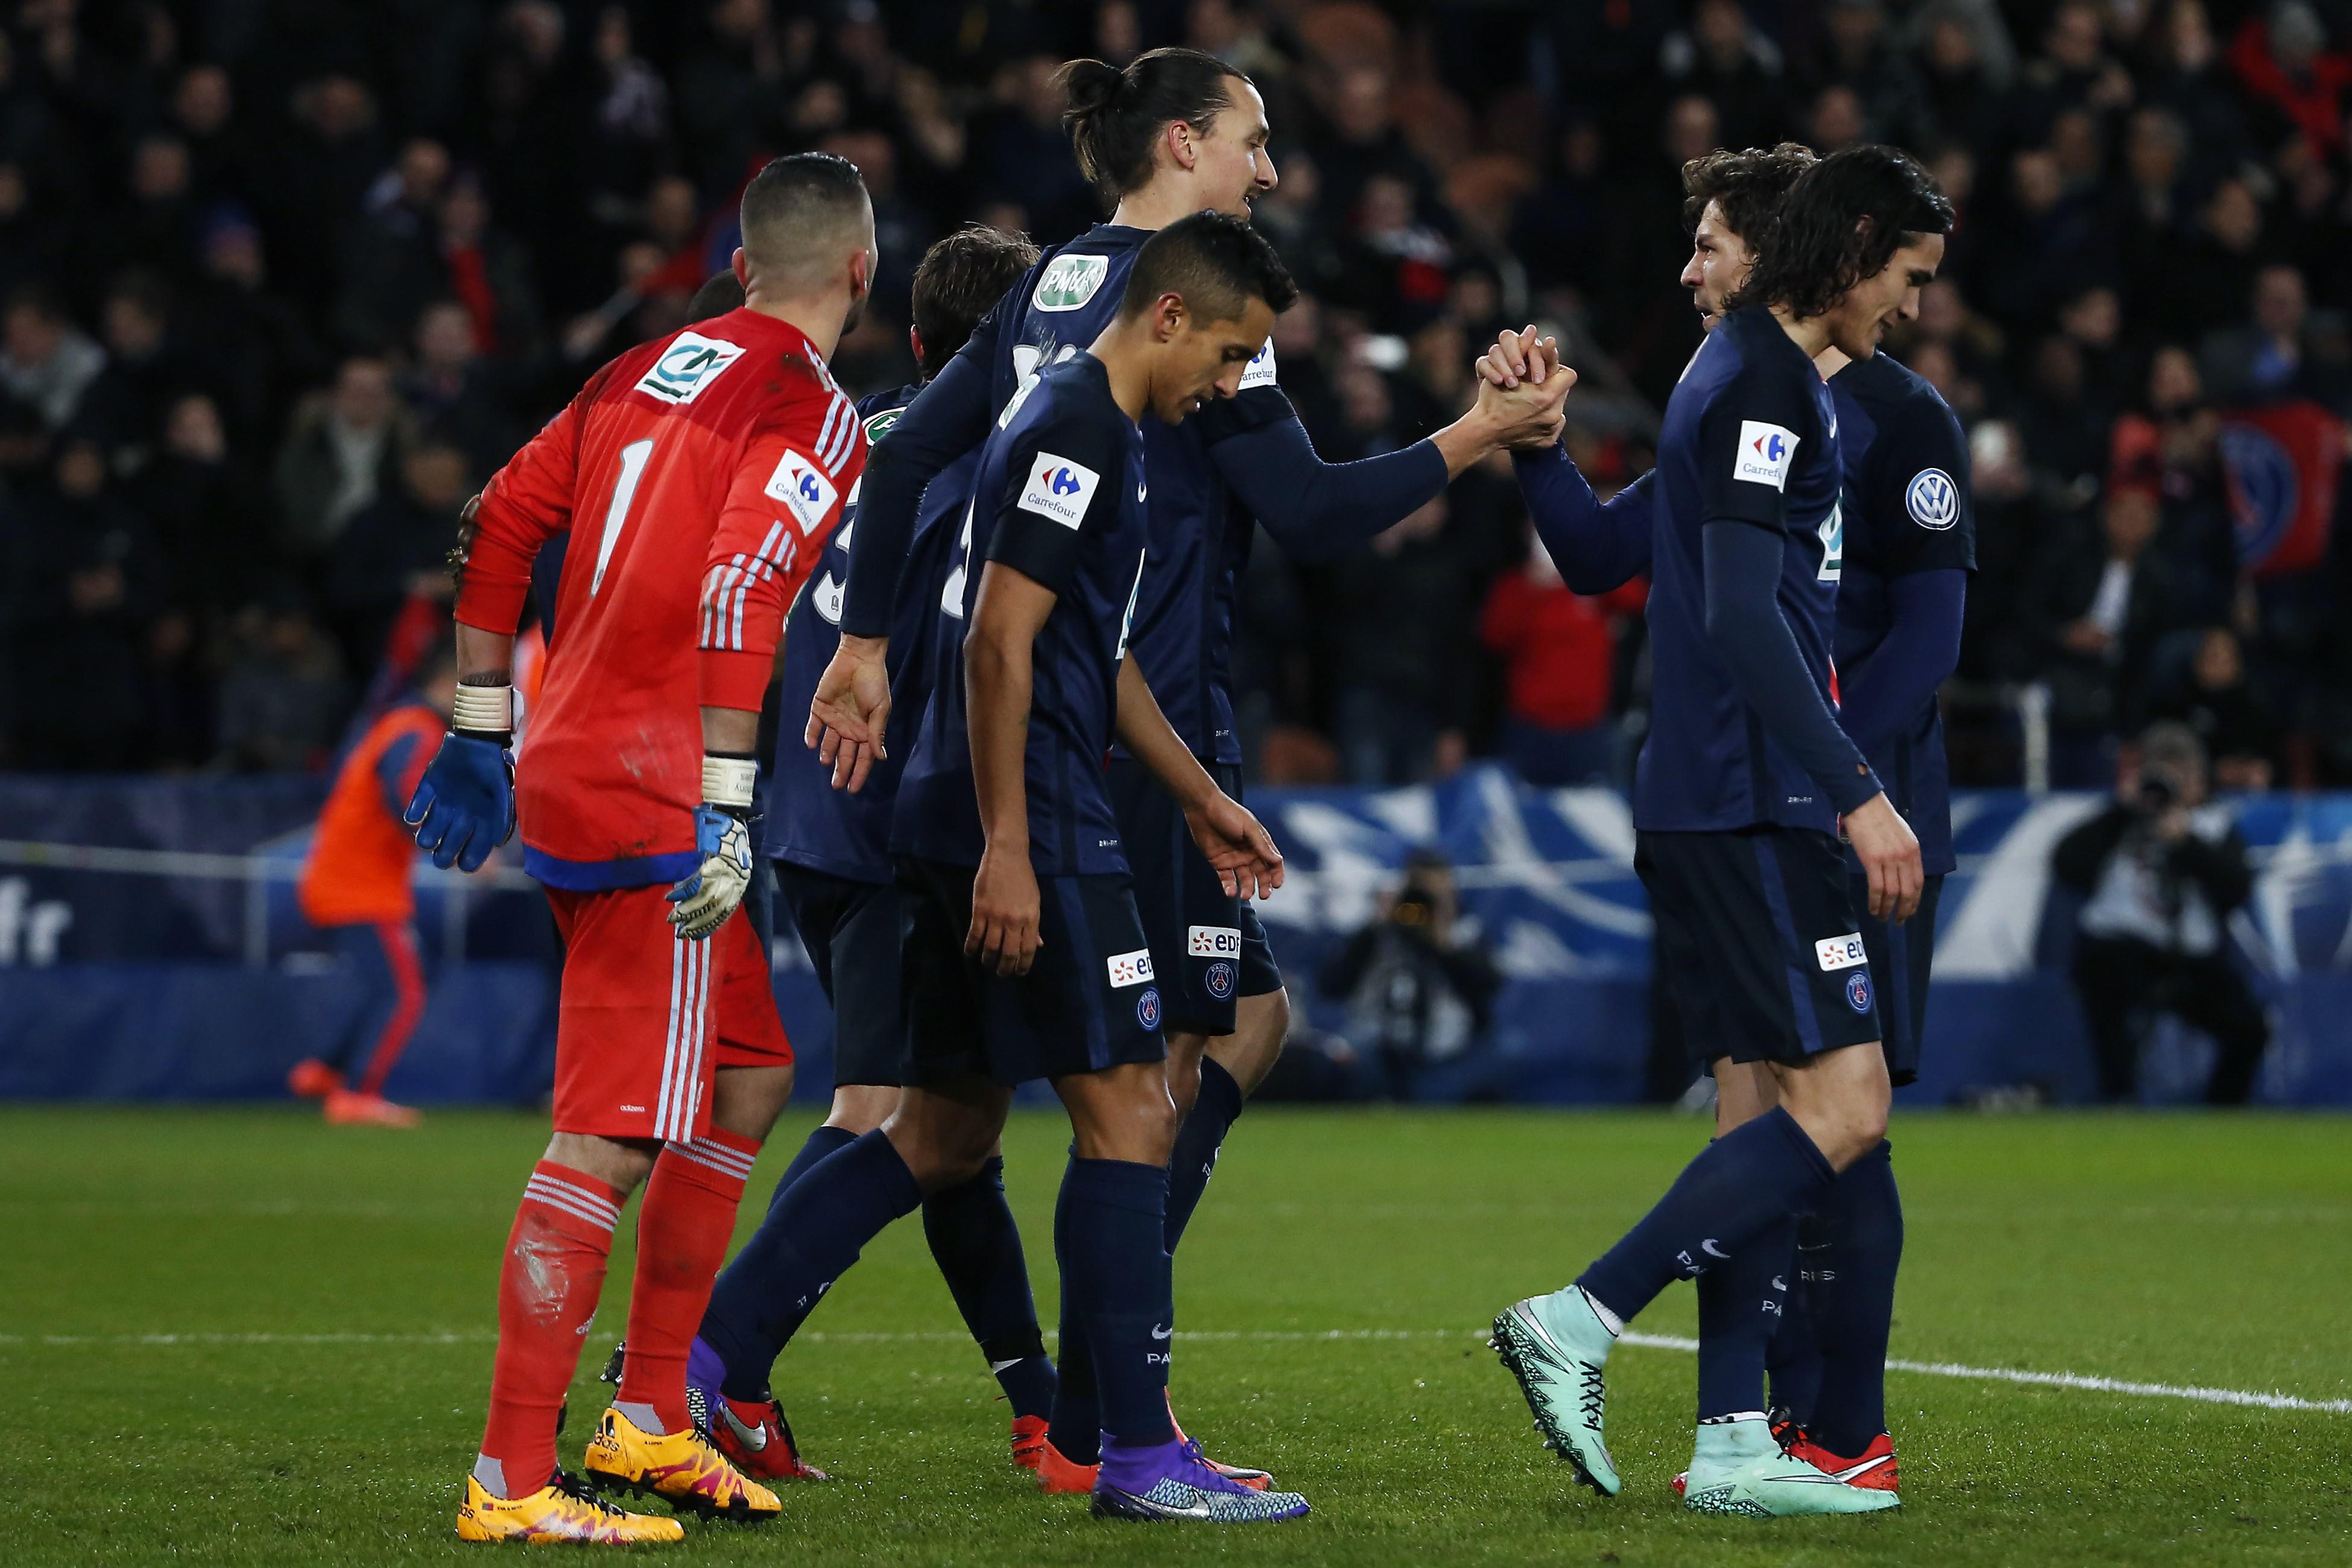 Sans piti pour lyon le psg file en quarts coupe de france football - Coupe de france psg lyon ...